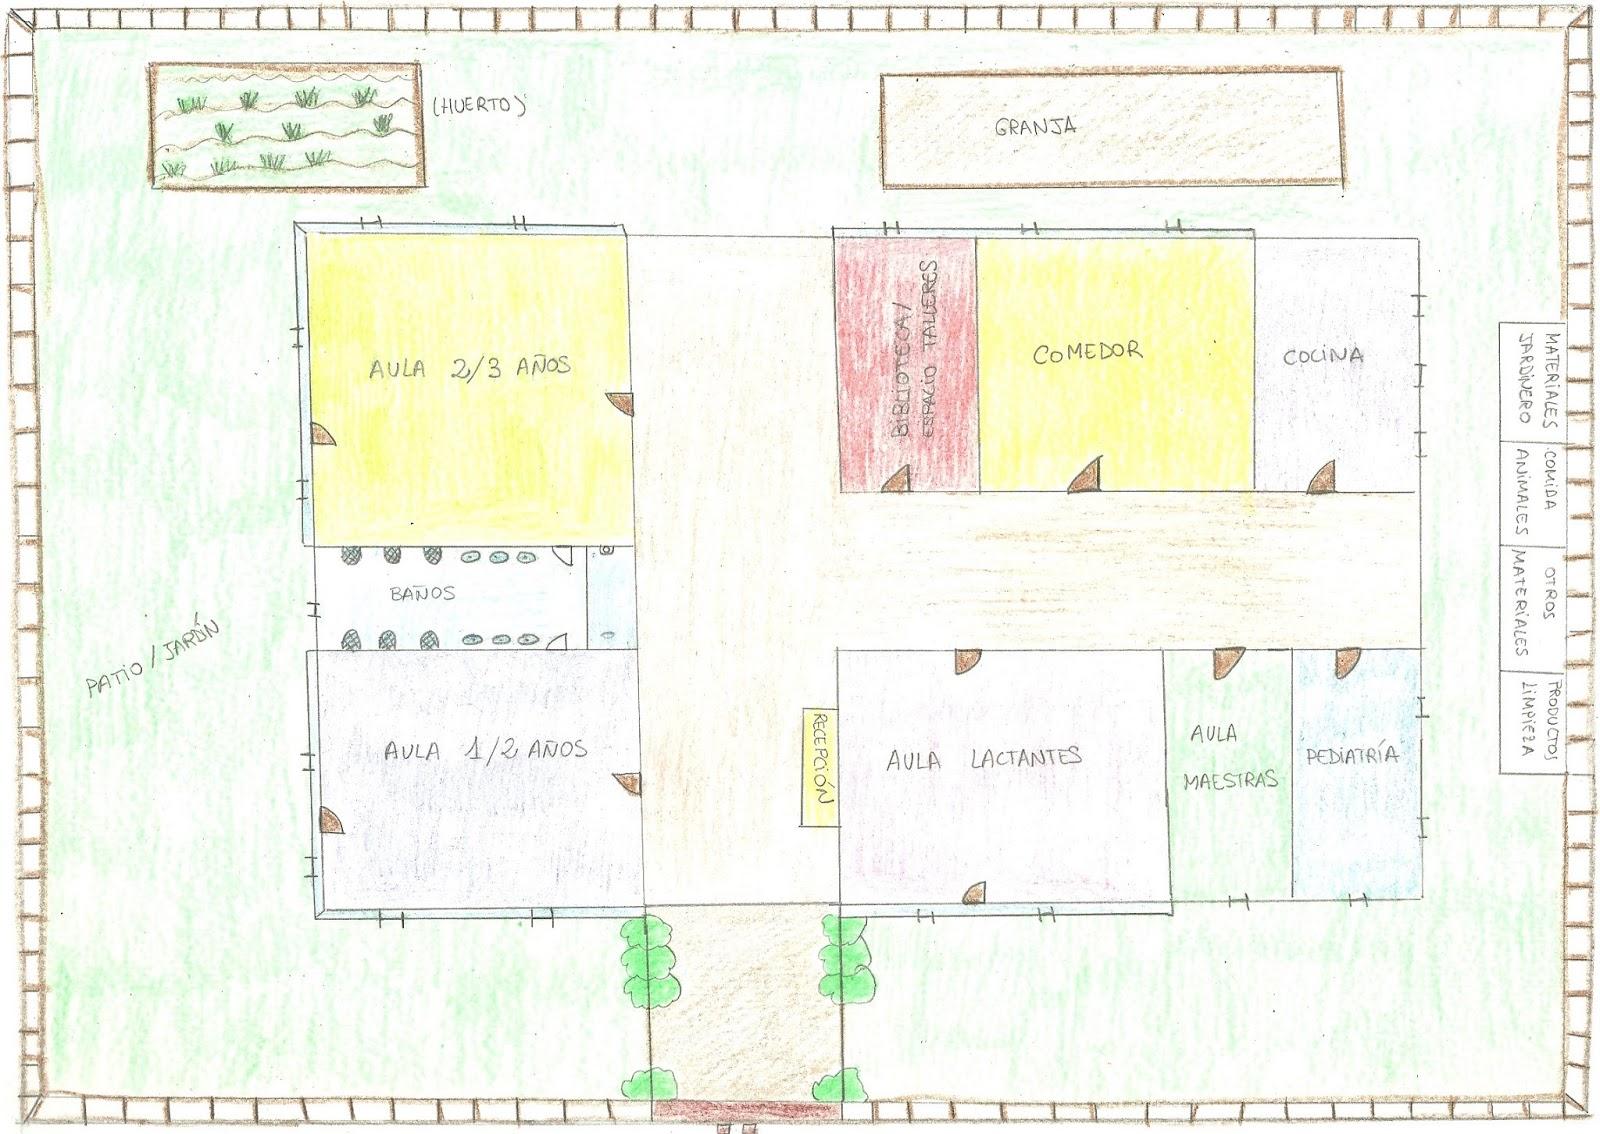 Escuela infantil xicotets for Plano escuela infantil